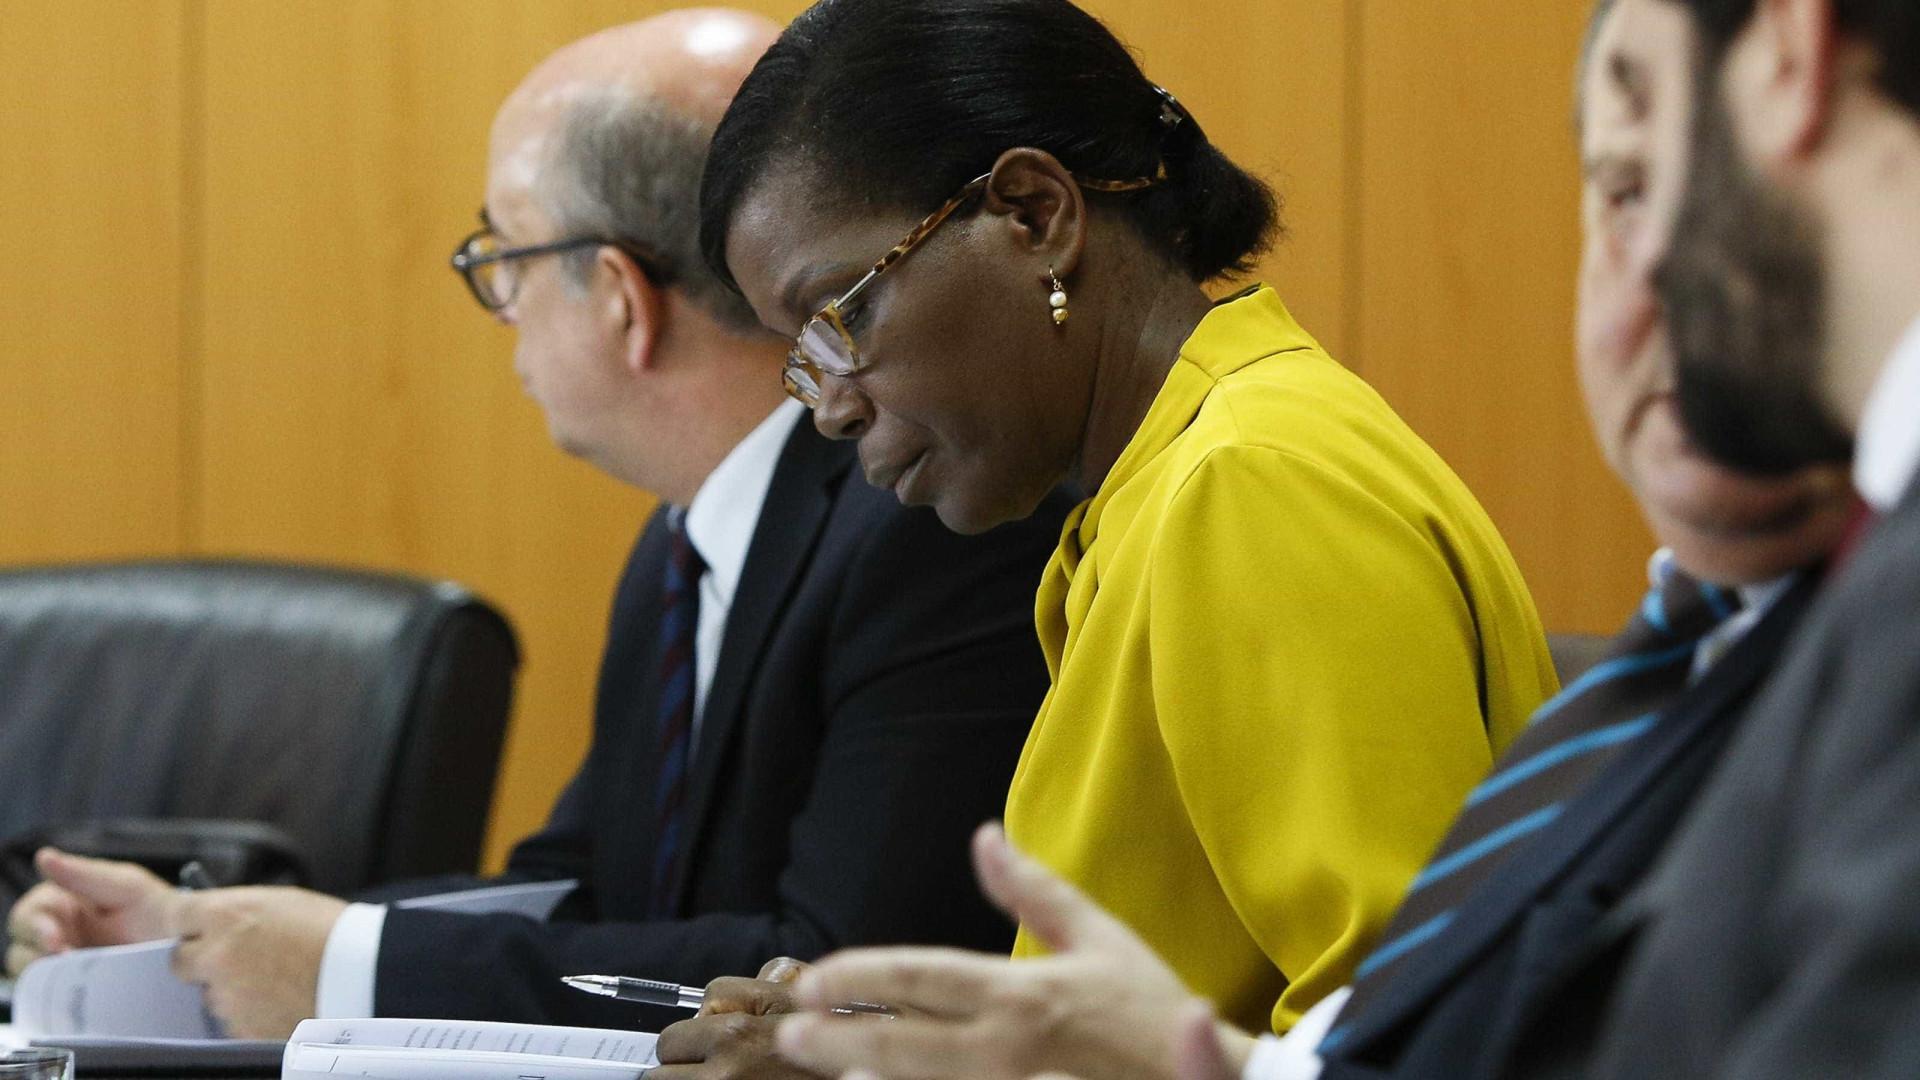 Governo cria grupo de trabalho para avaliar apoio judiciário